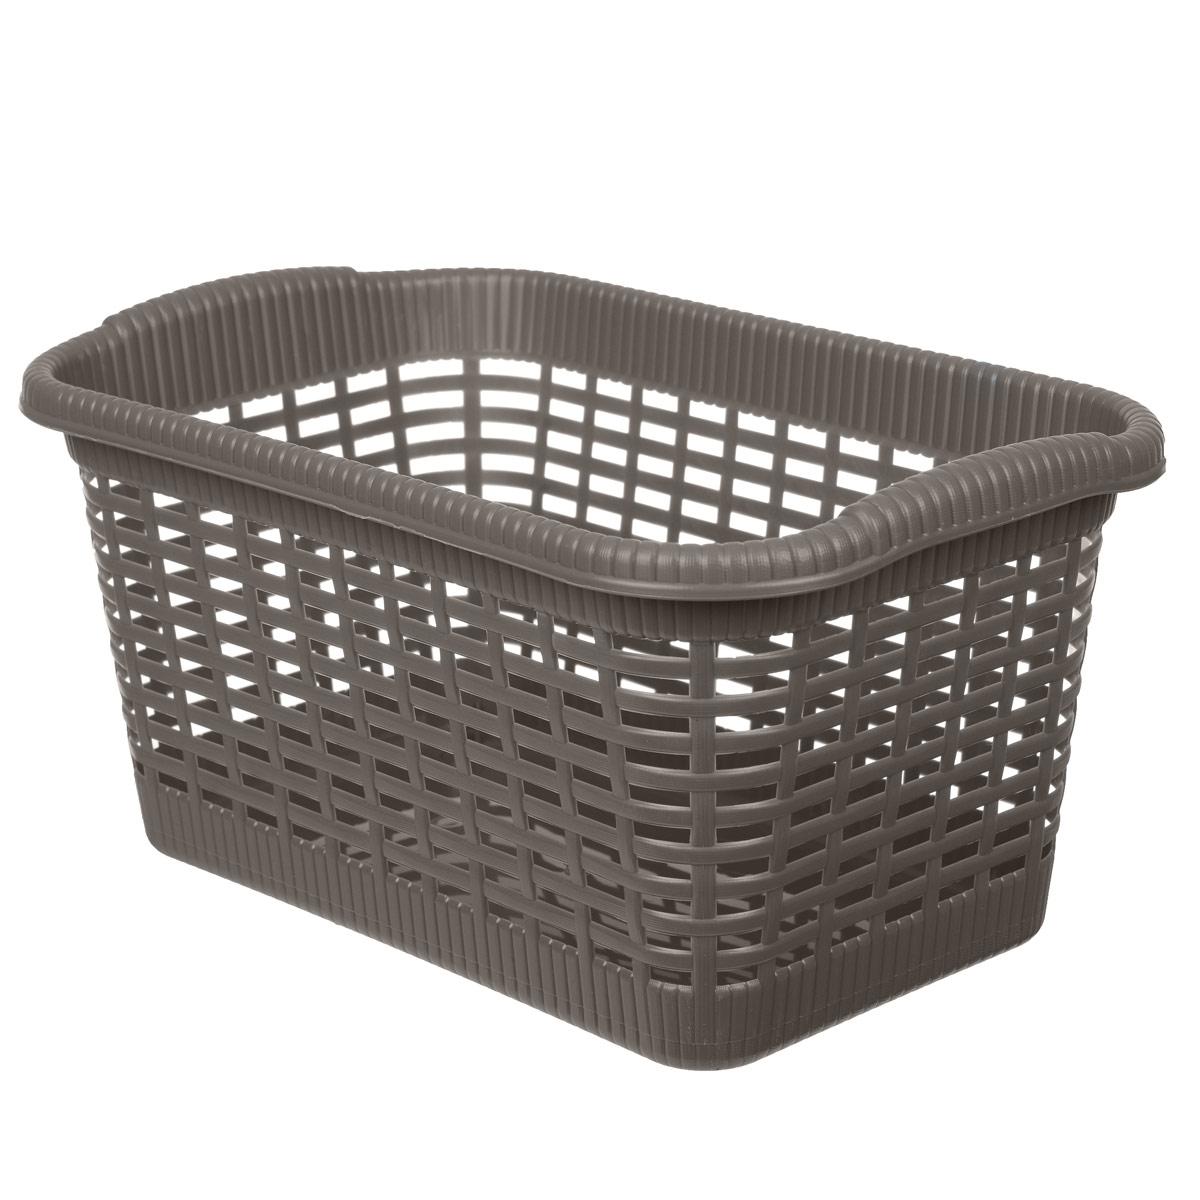 Корзина хозяйственная Gensini, цвет: коричневый, 36 x 22,5 x 18 см3302_коричневыйУниверсальная корзина Gensini, выполненная из пластика, предназначена для хранения мелочей в ванной, на кухне, даче или гараже. Позволяет хранить мелкие вещи, исключая возможность их потери. Легкая воздушная корзина выполнена под плетенку и оснащена жесткой кромкой. Размер: 36 см x 22,5 см x 18 см. Объем: 15 л.